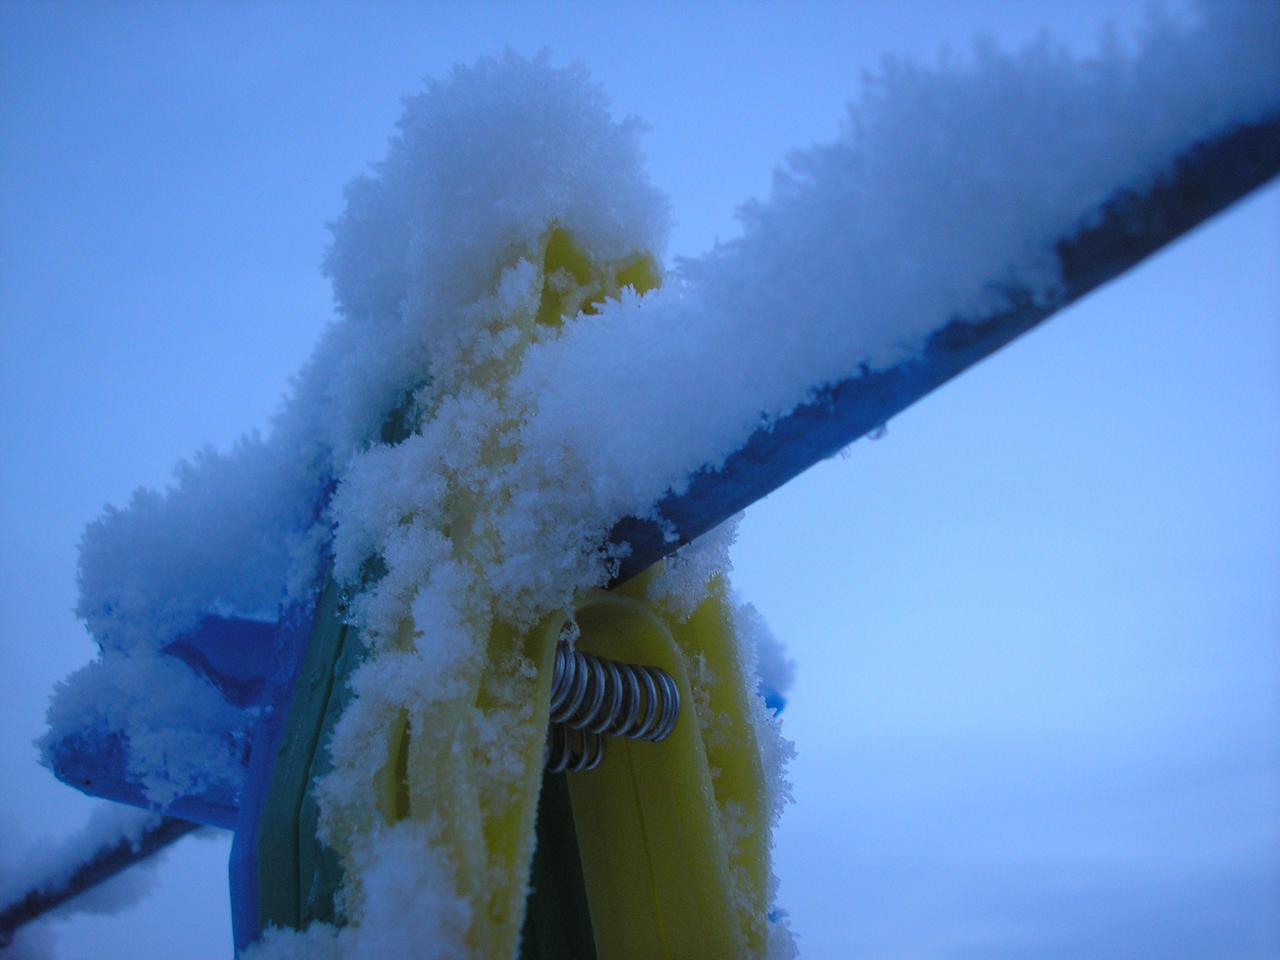 Snow Pegs 2 by StivStock